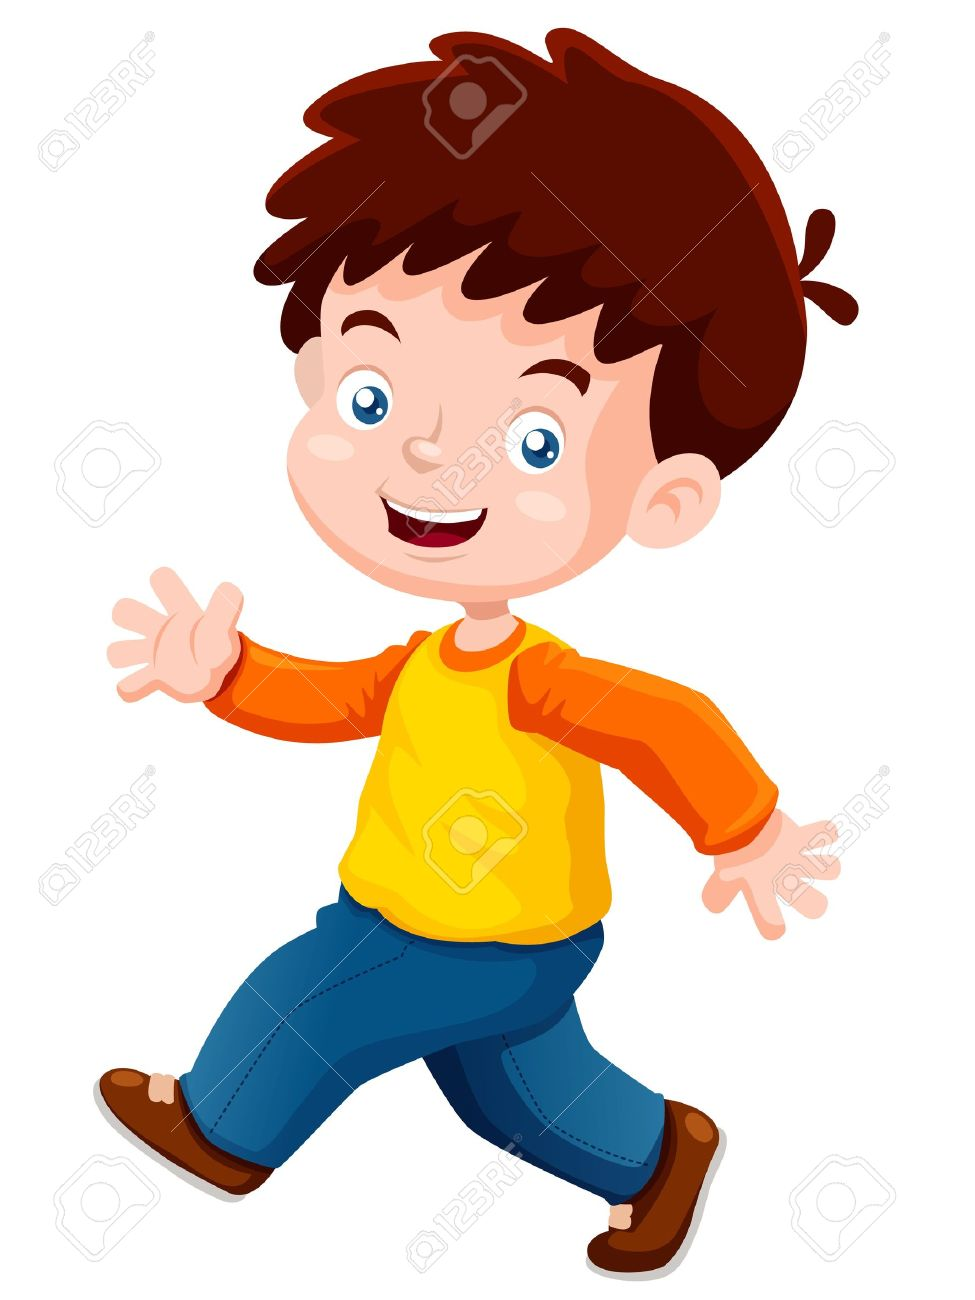 illustration of boy happy - 15562118